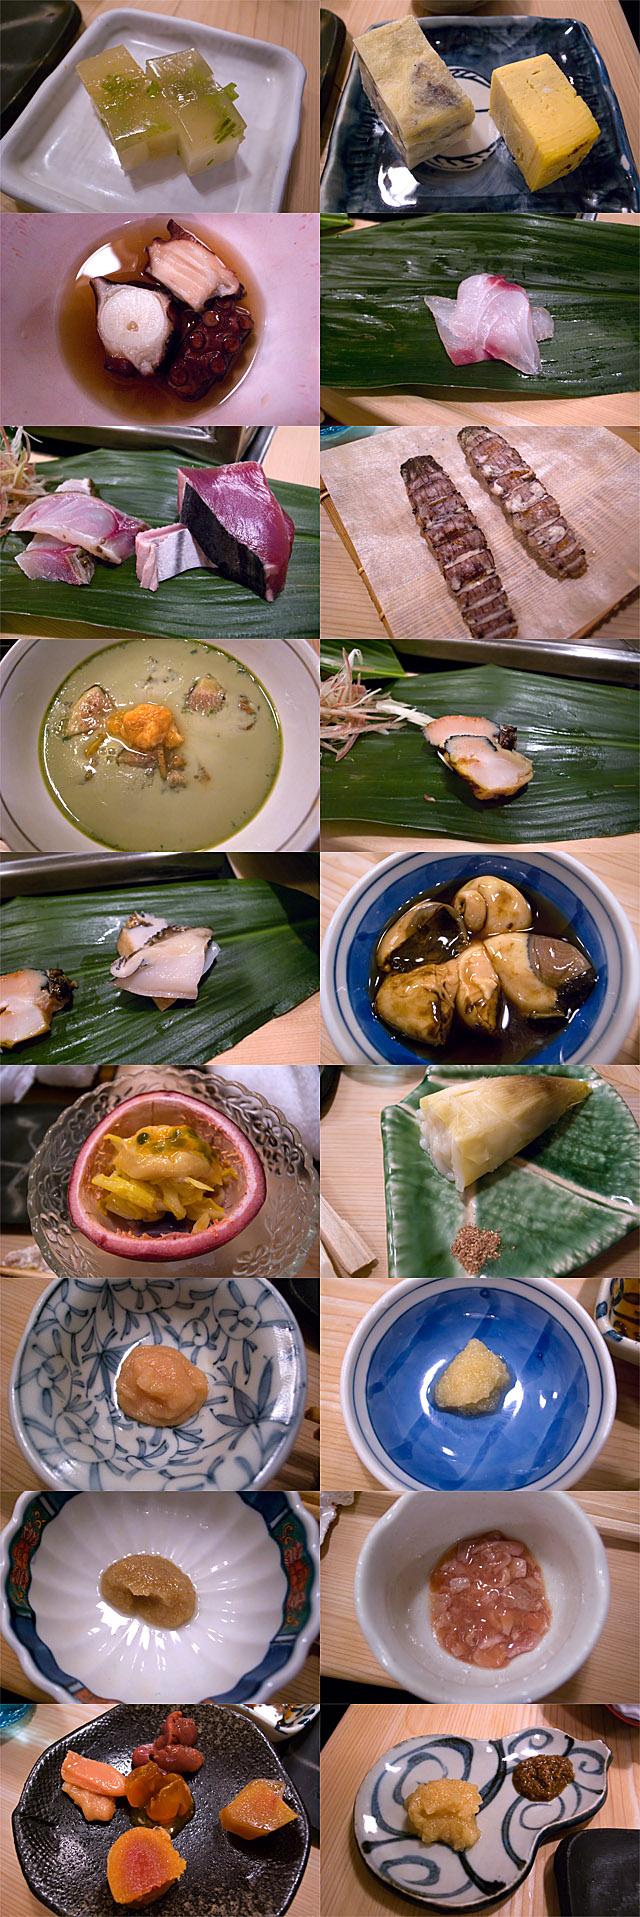 100514_002_寿司いずみ